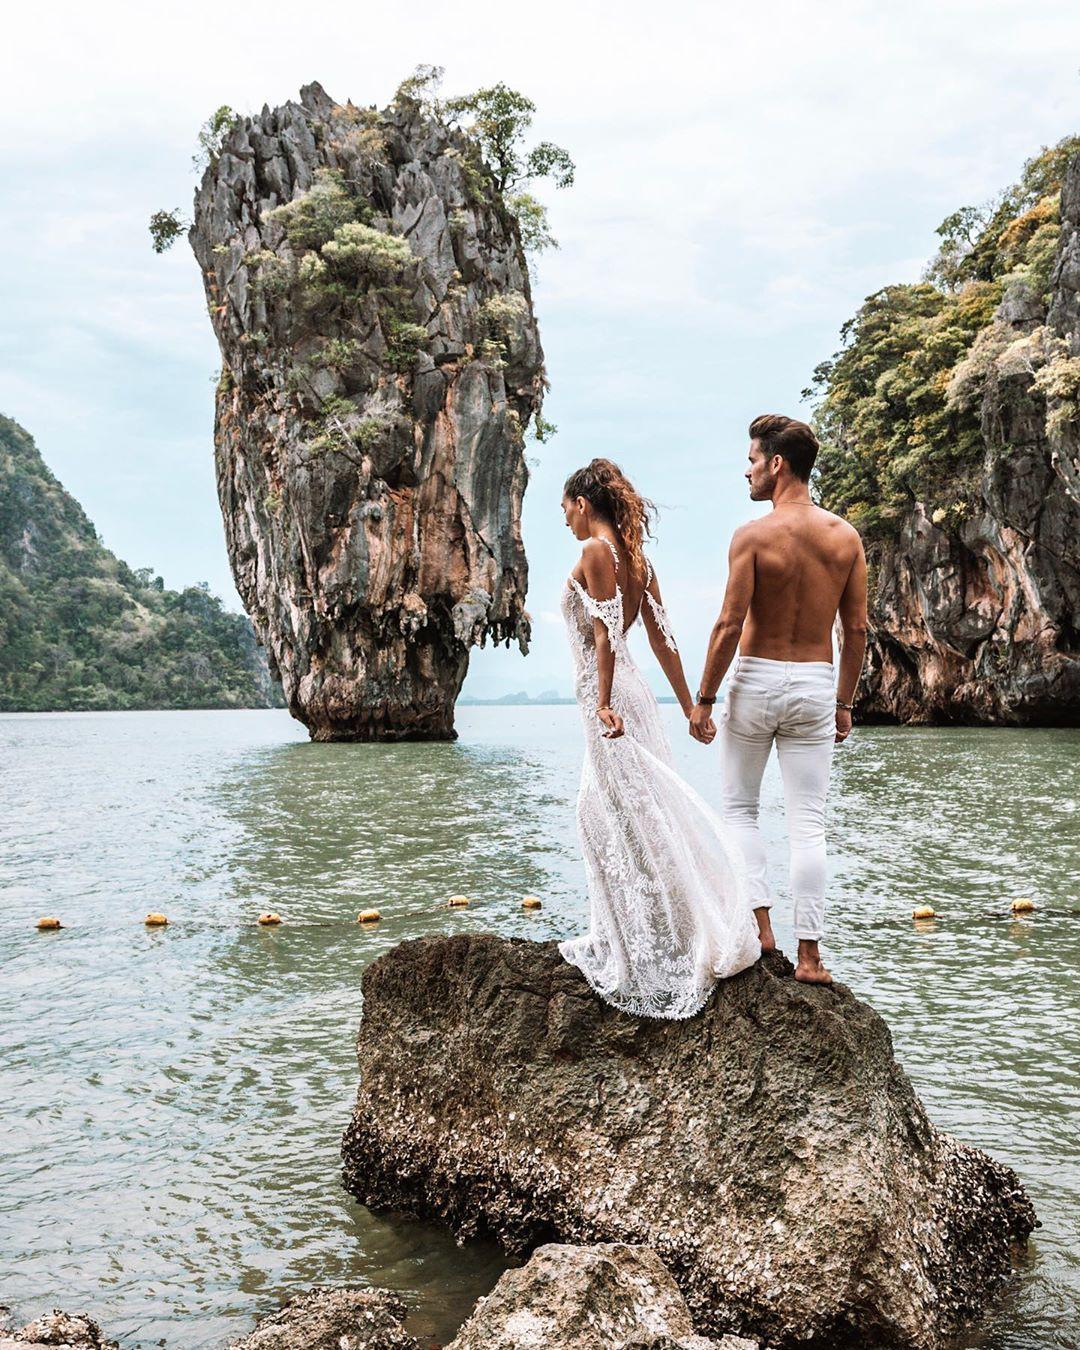 Tạo dáng nguy hiểm khi chụp ảnh du lịch, nhiều cặp đôi travel blogger nổi tiếng bị dân mạng ném đá kịch liệt - Ảnh 7.